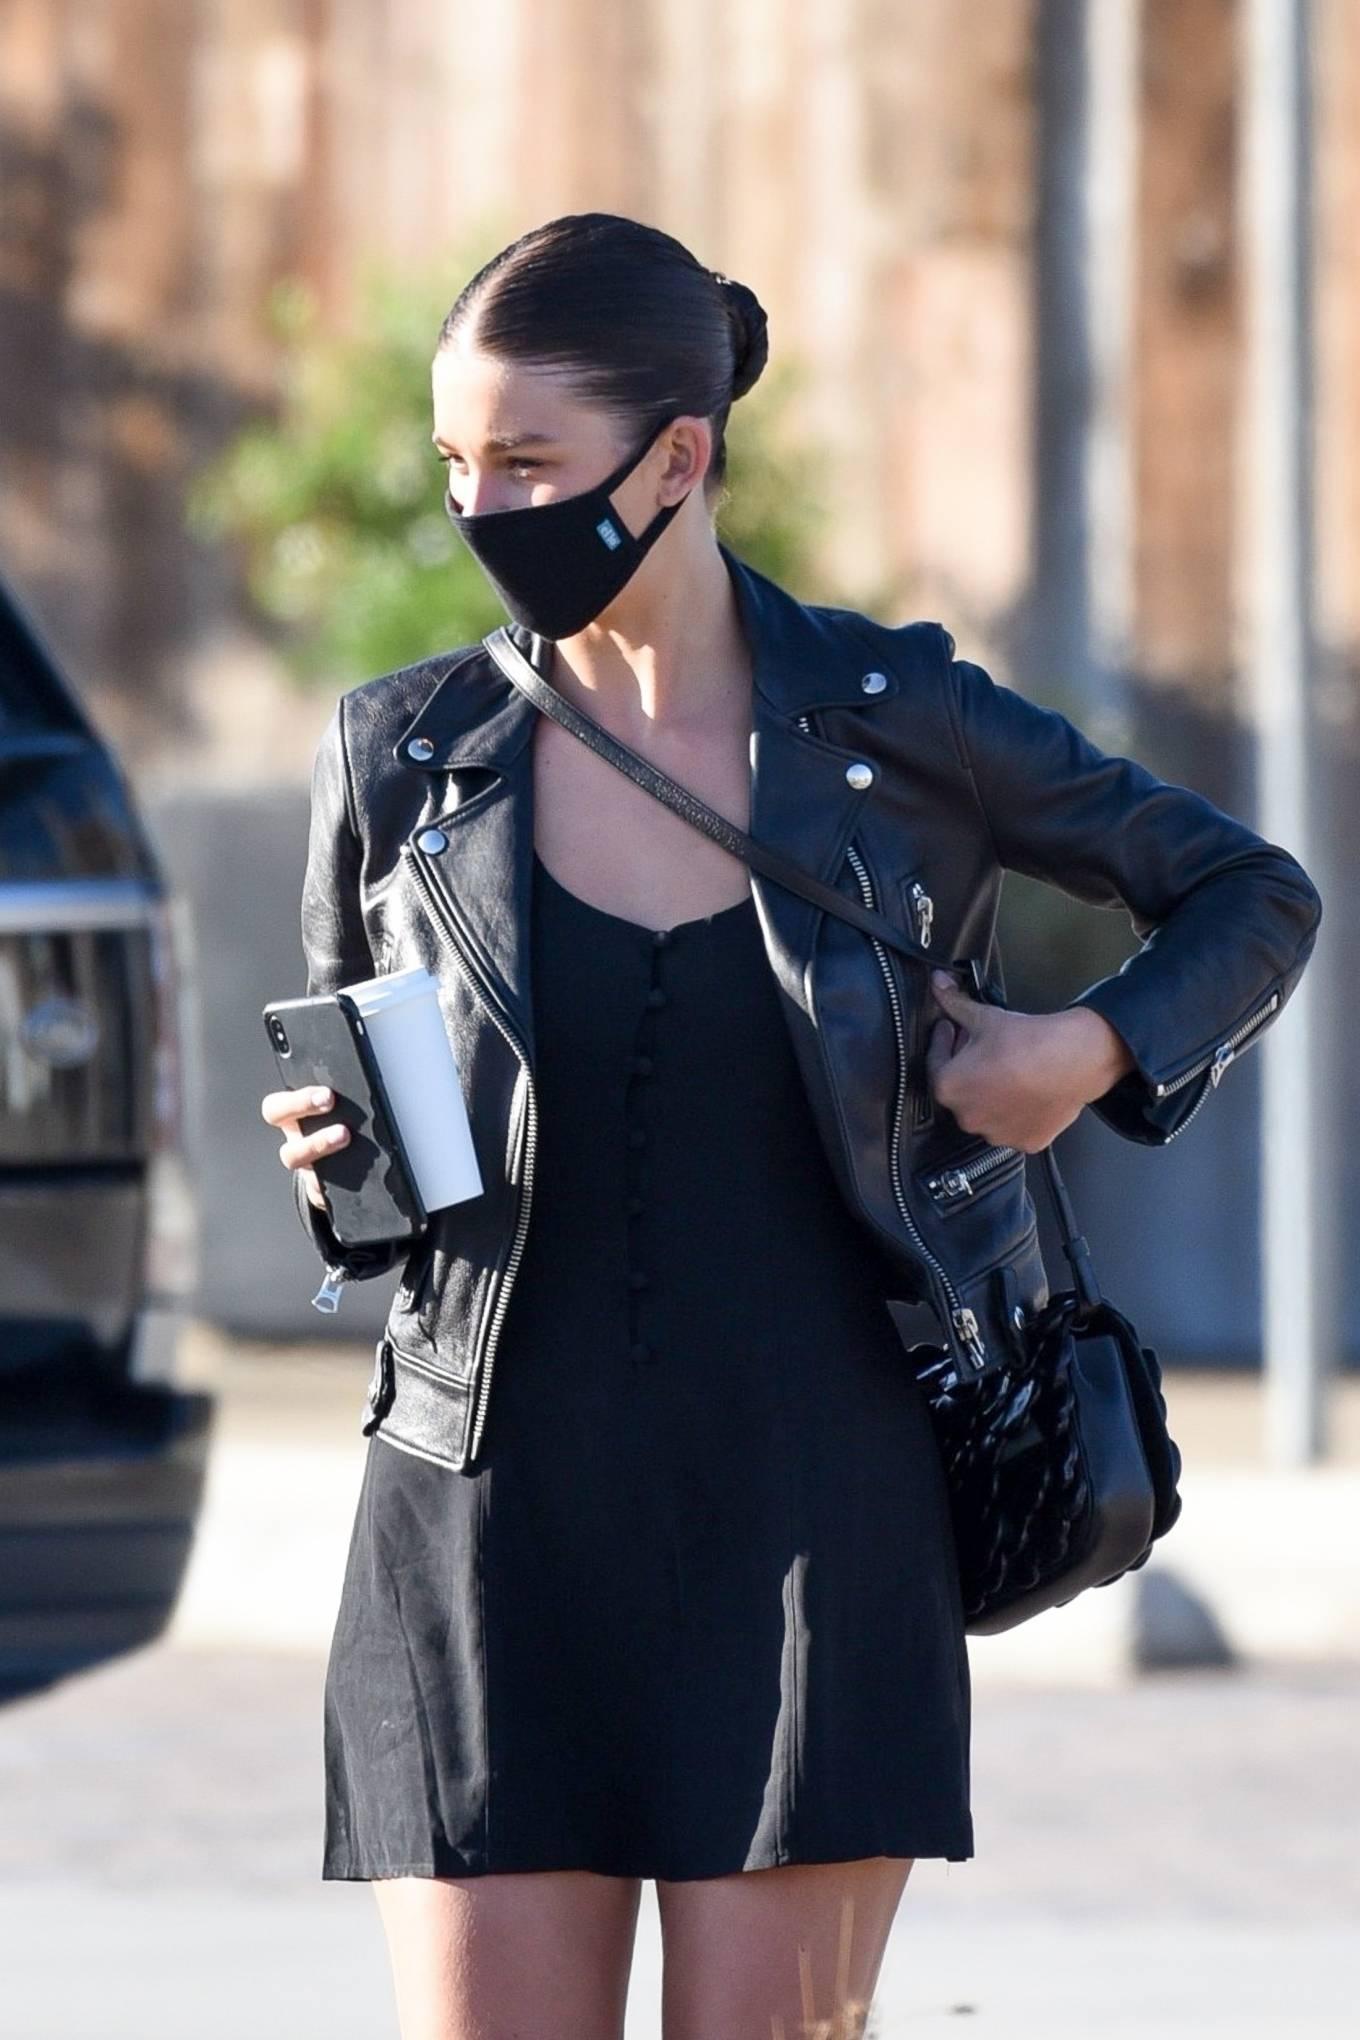 Camila Morrone in Mini Black Dress in Malibu